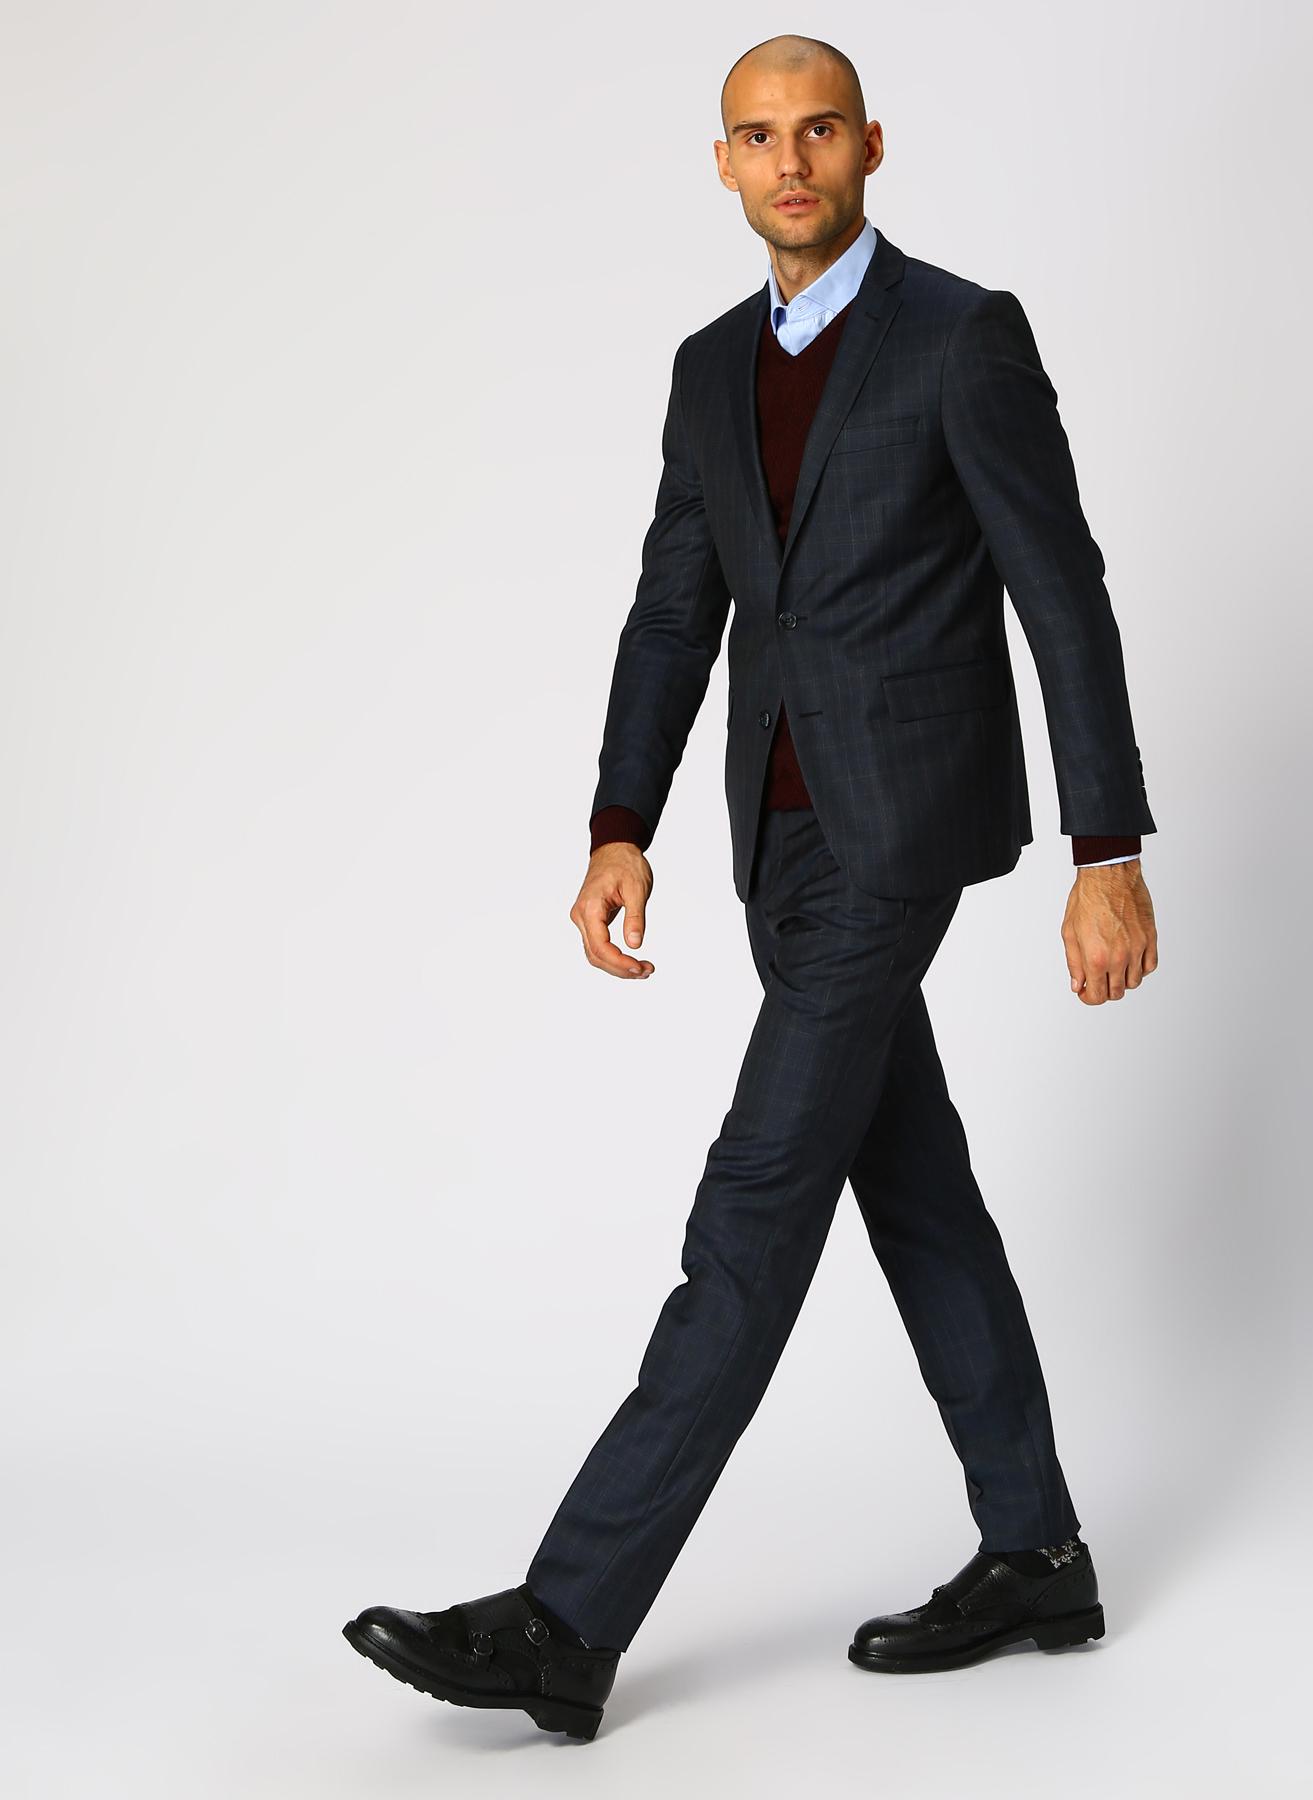 Beymen Business Lacivert Takım Elbise 50-6 5002320819003 Ürün Resmi